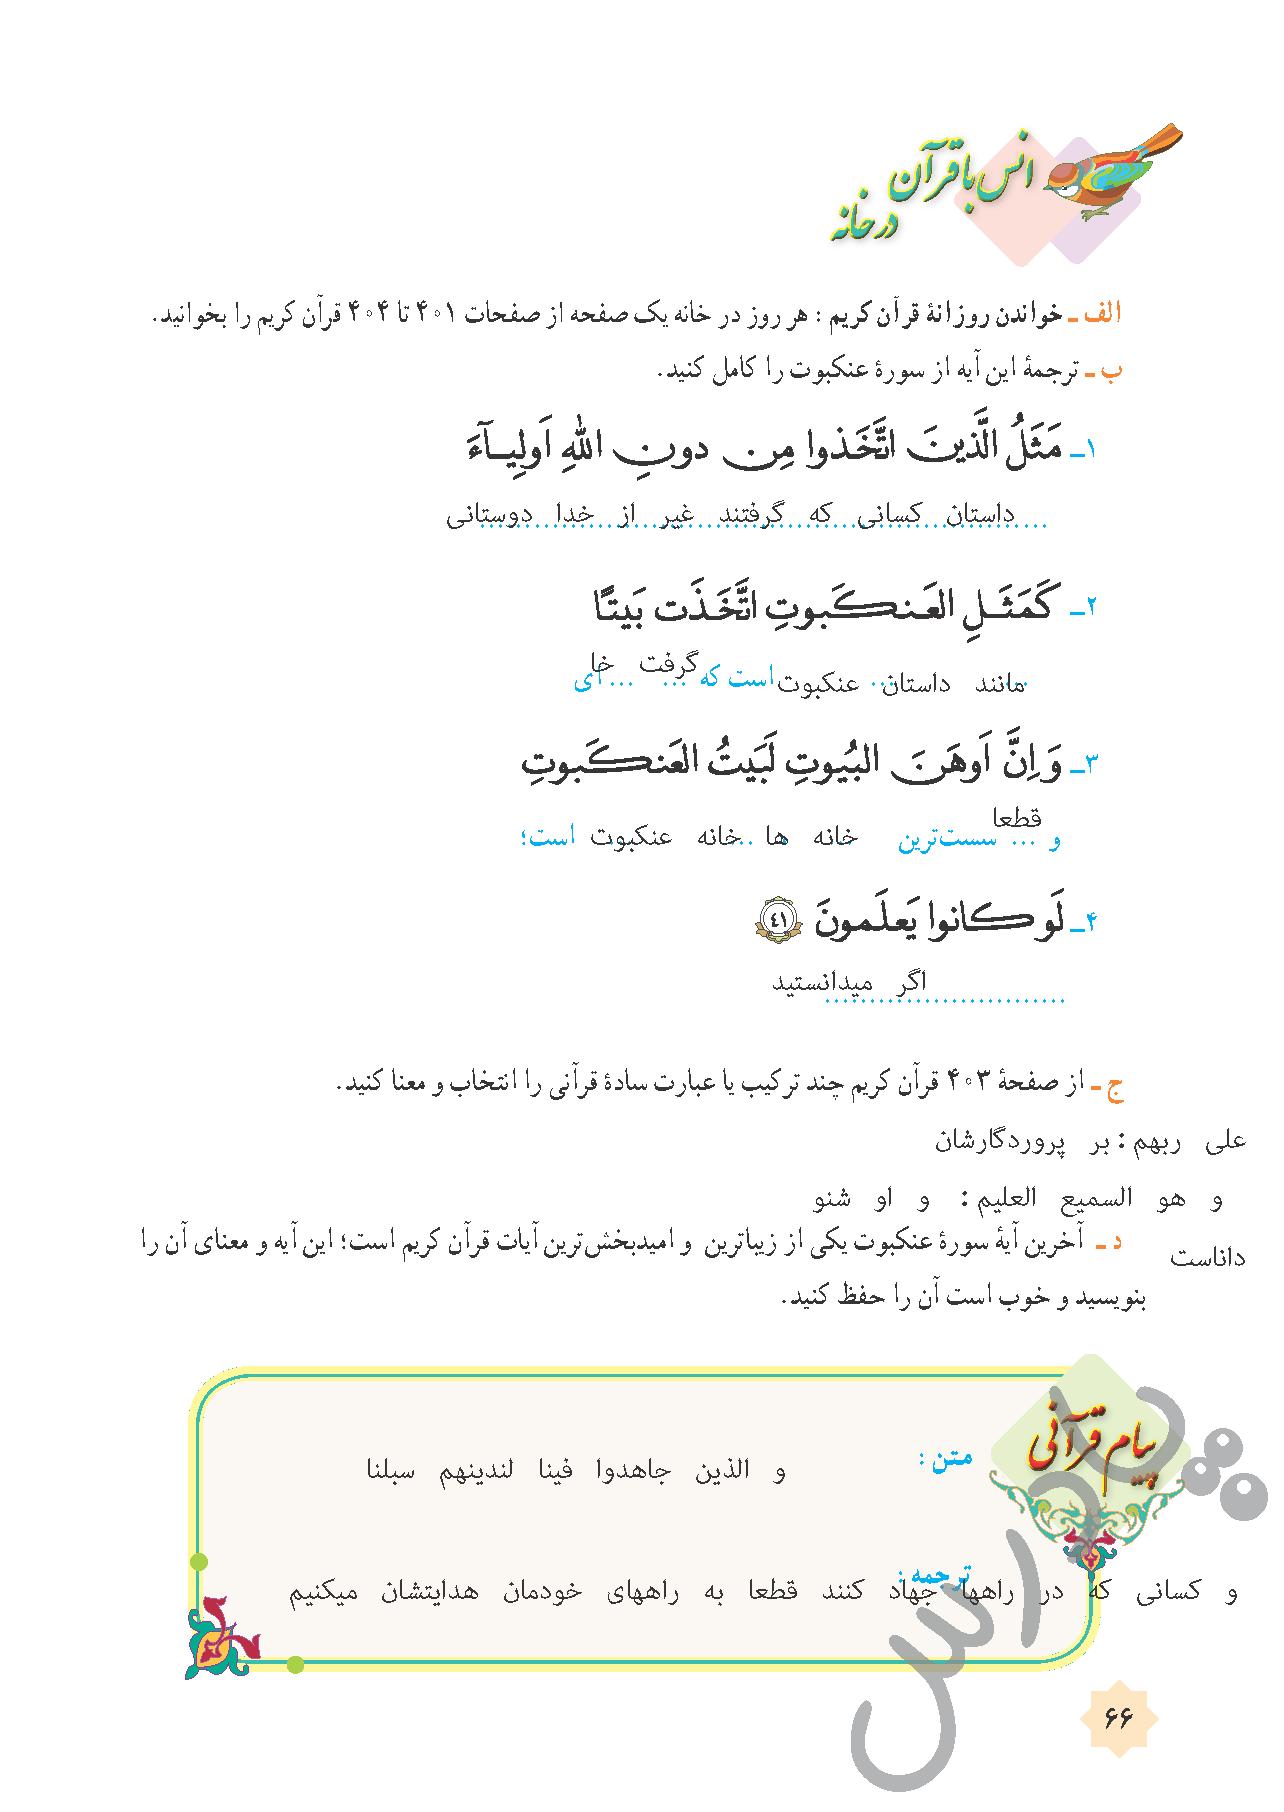 جواب انس با قرآن درس 6 قرآن هشتم - جلسه دوم